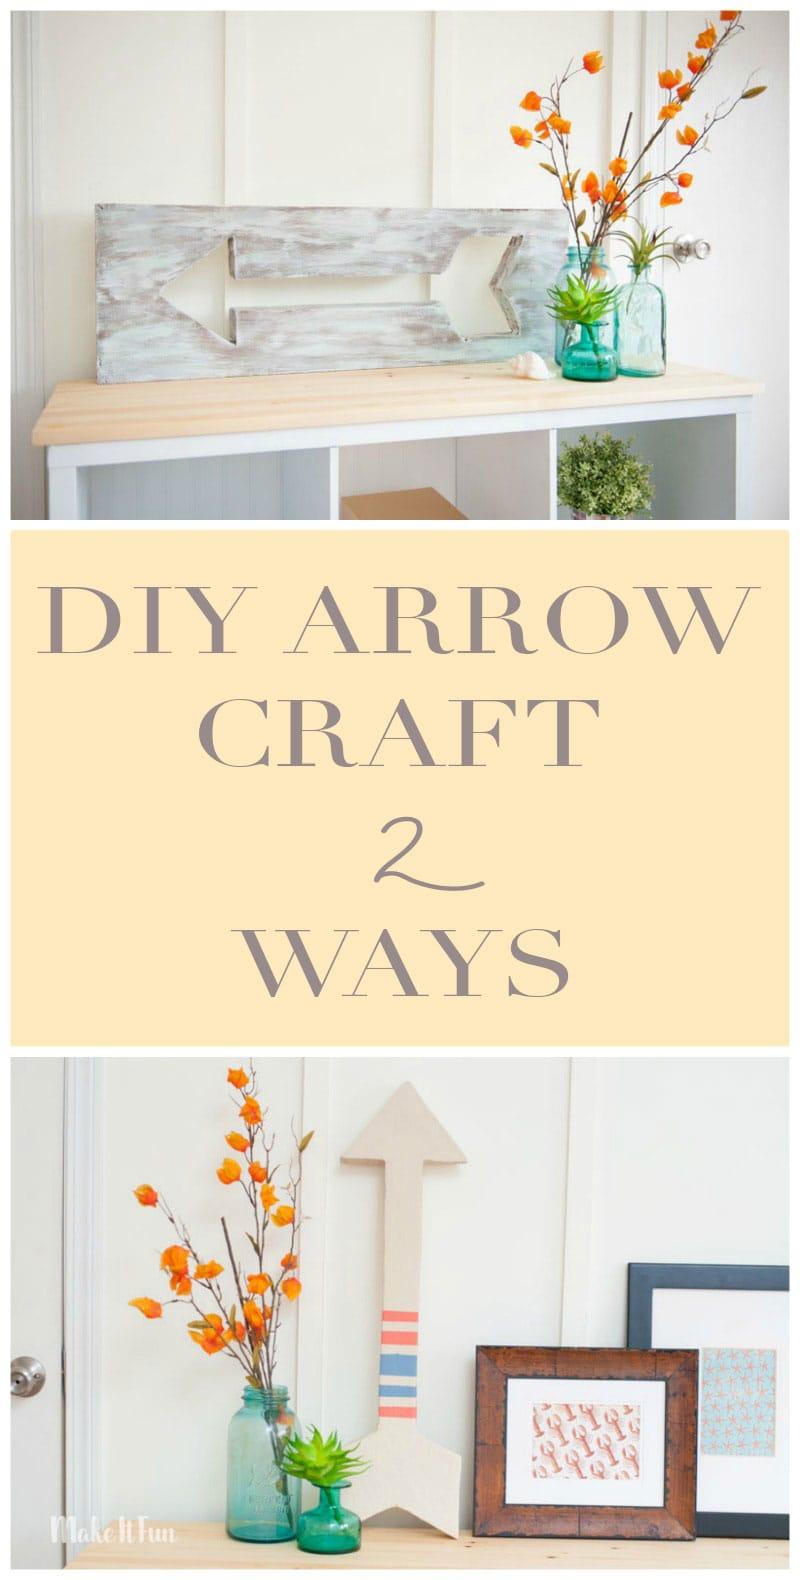 DIY Arrow Decor for any style!